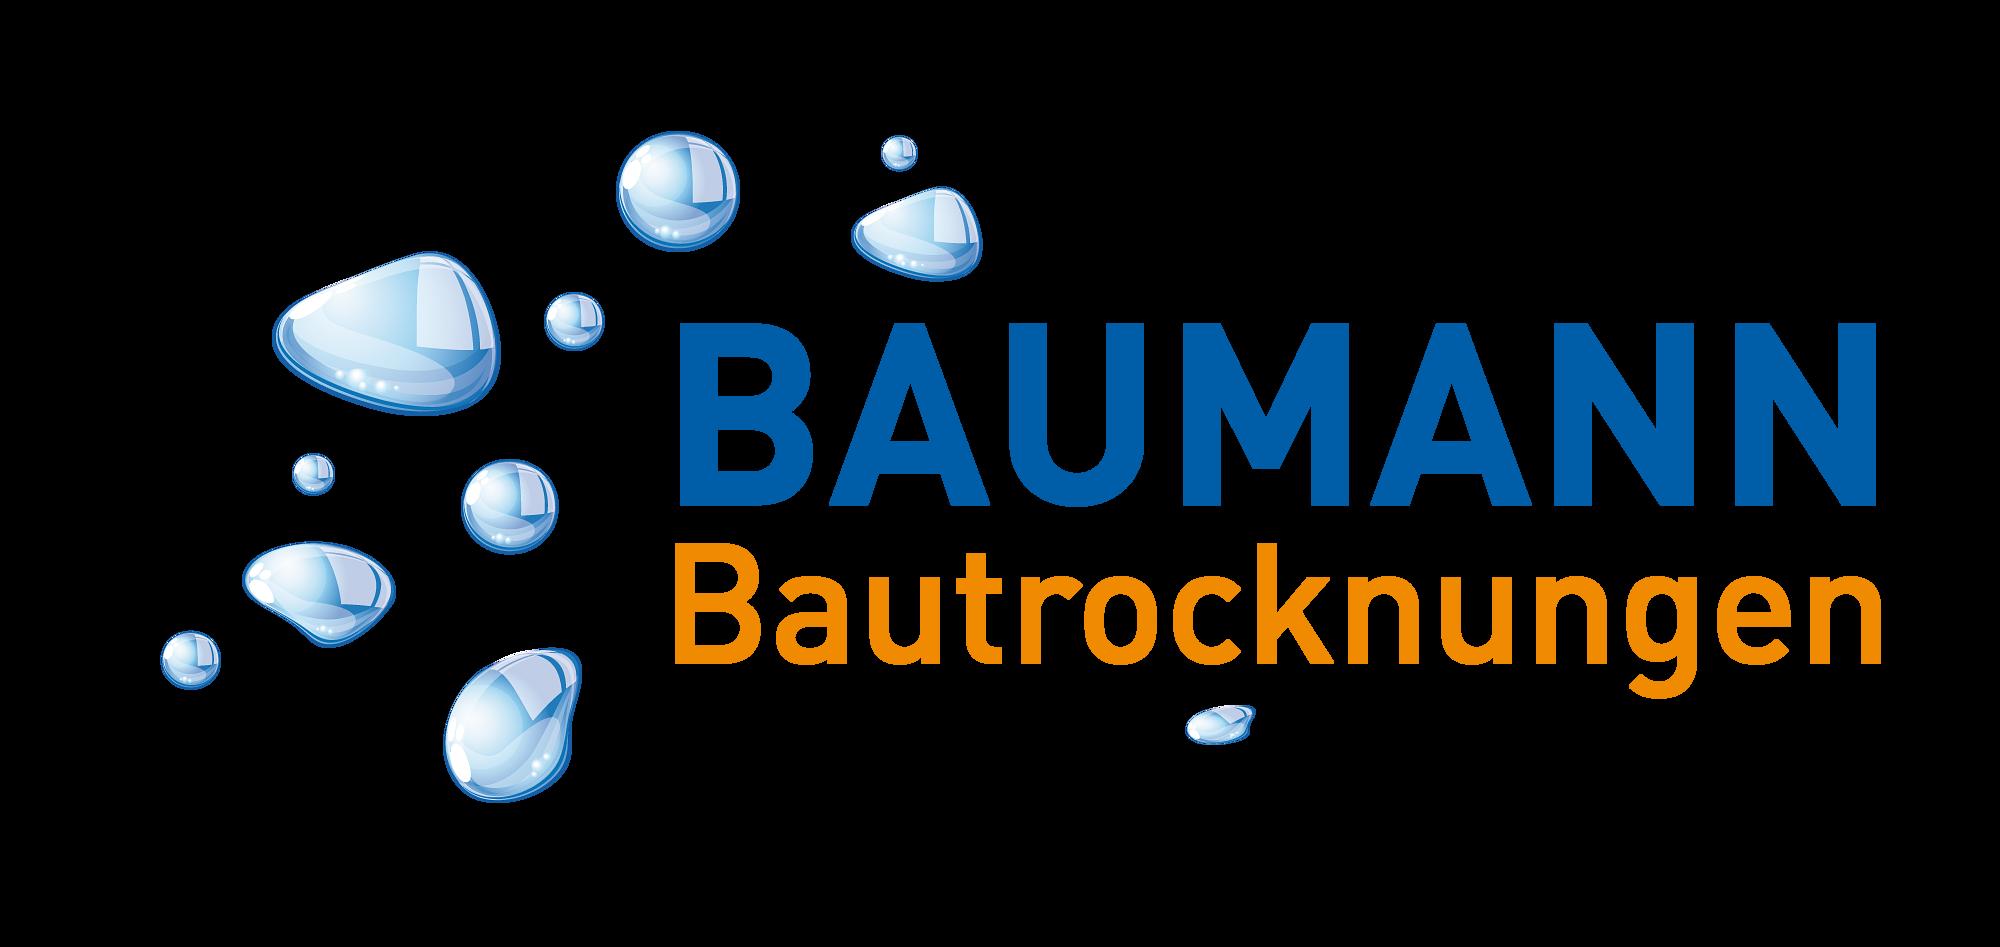 Baumann Bautrocknungen GmbH